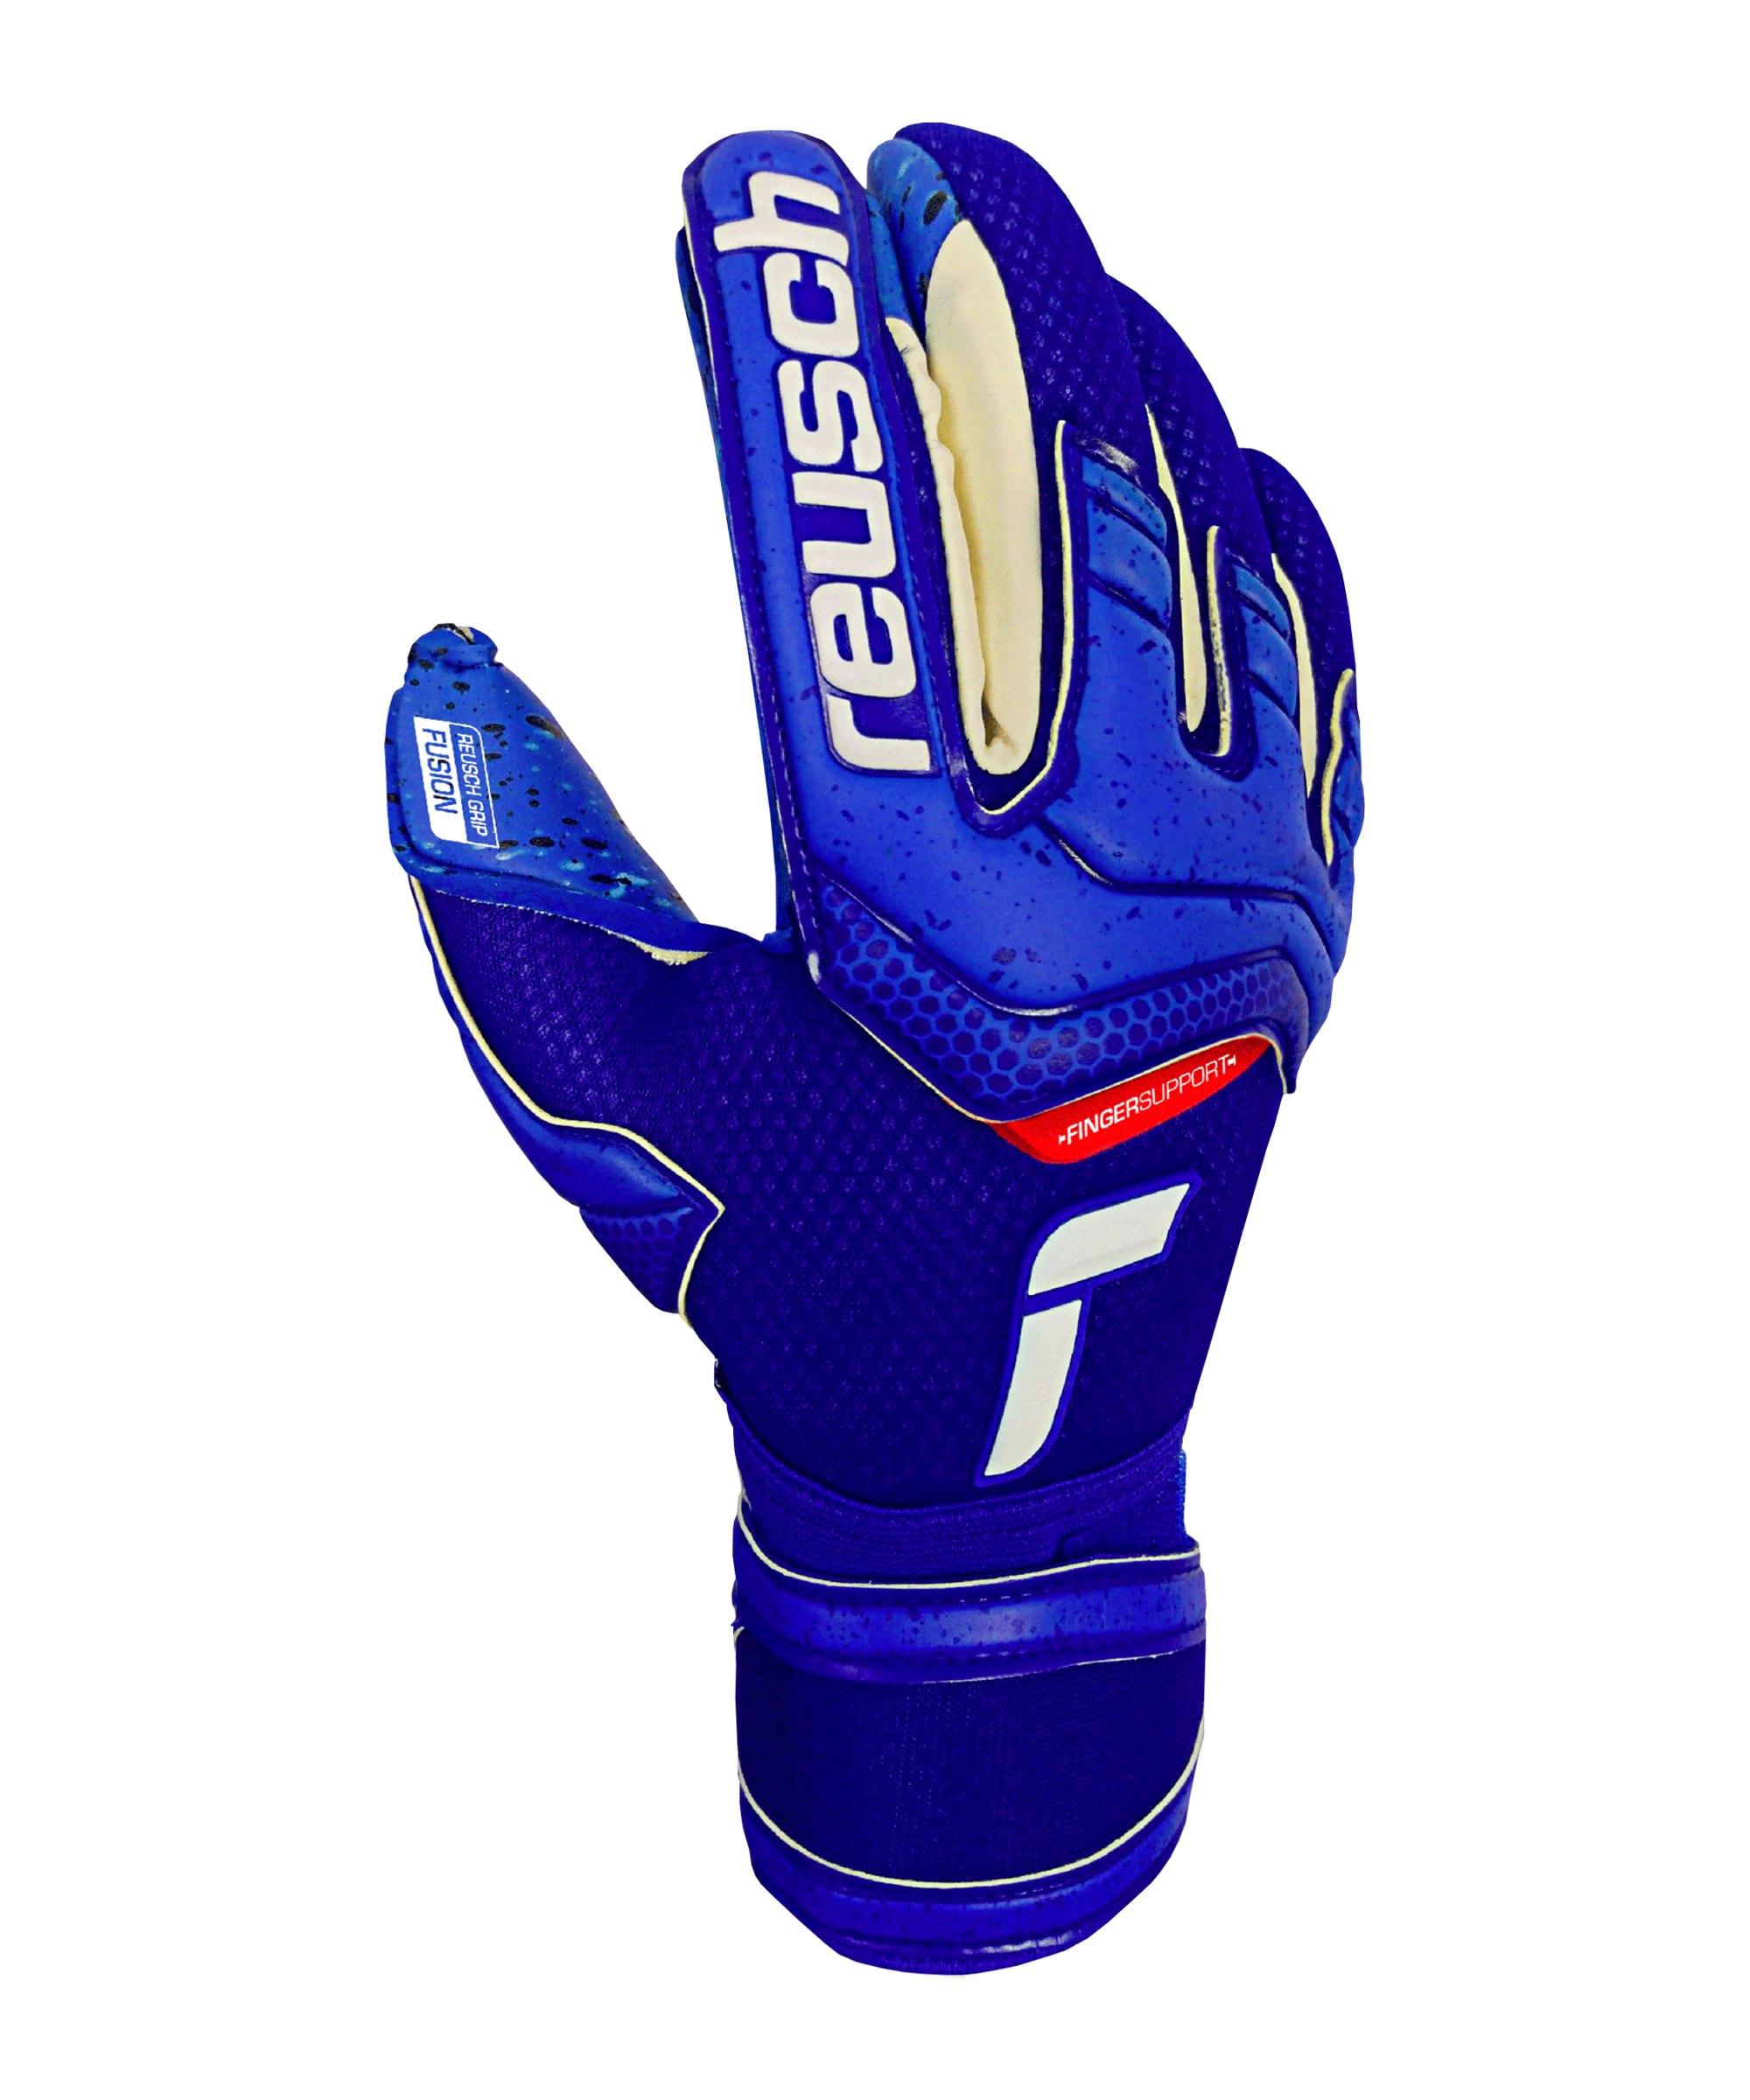 Reusch Attrakt Fusion TW-Handschuh F4010 - blau